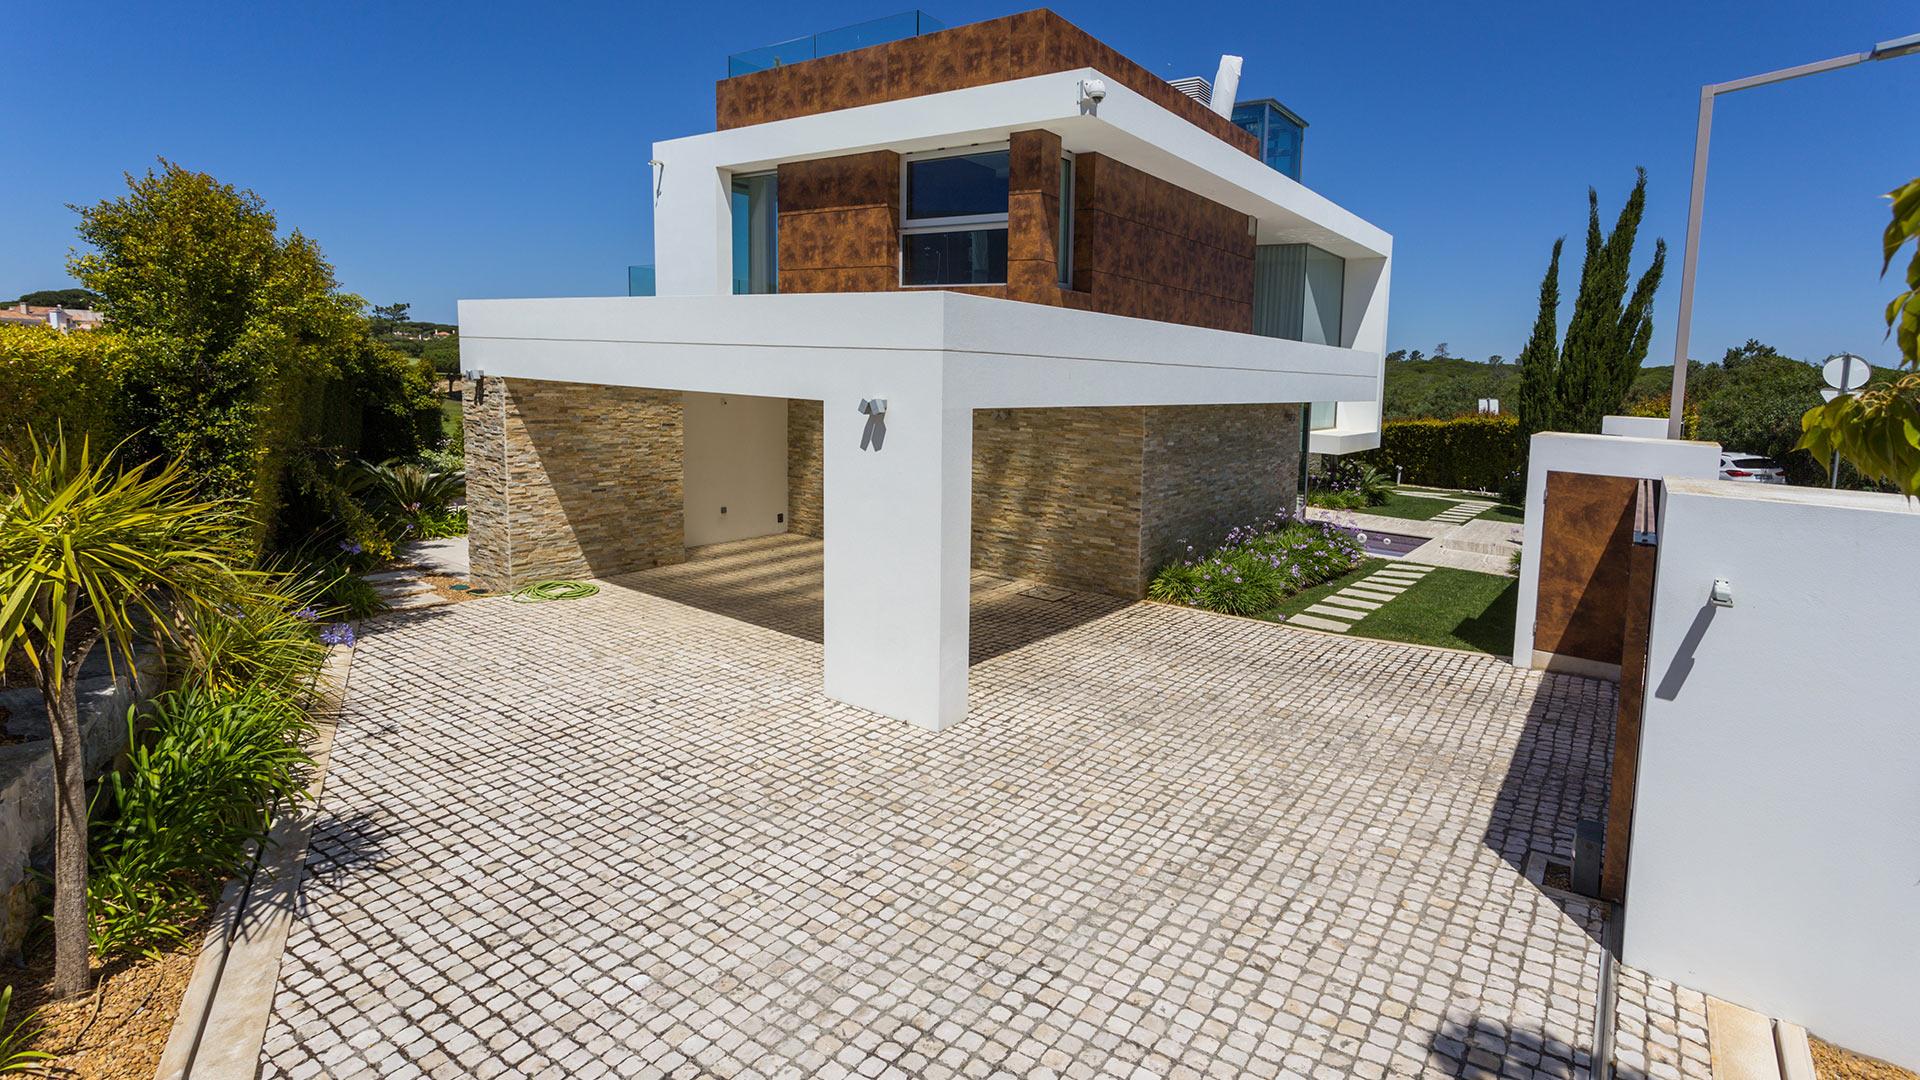 Villa sandy alquiler de casa en algarve vale do lobo villanovo - Alquiler de casas en portugal ...